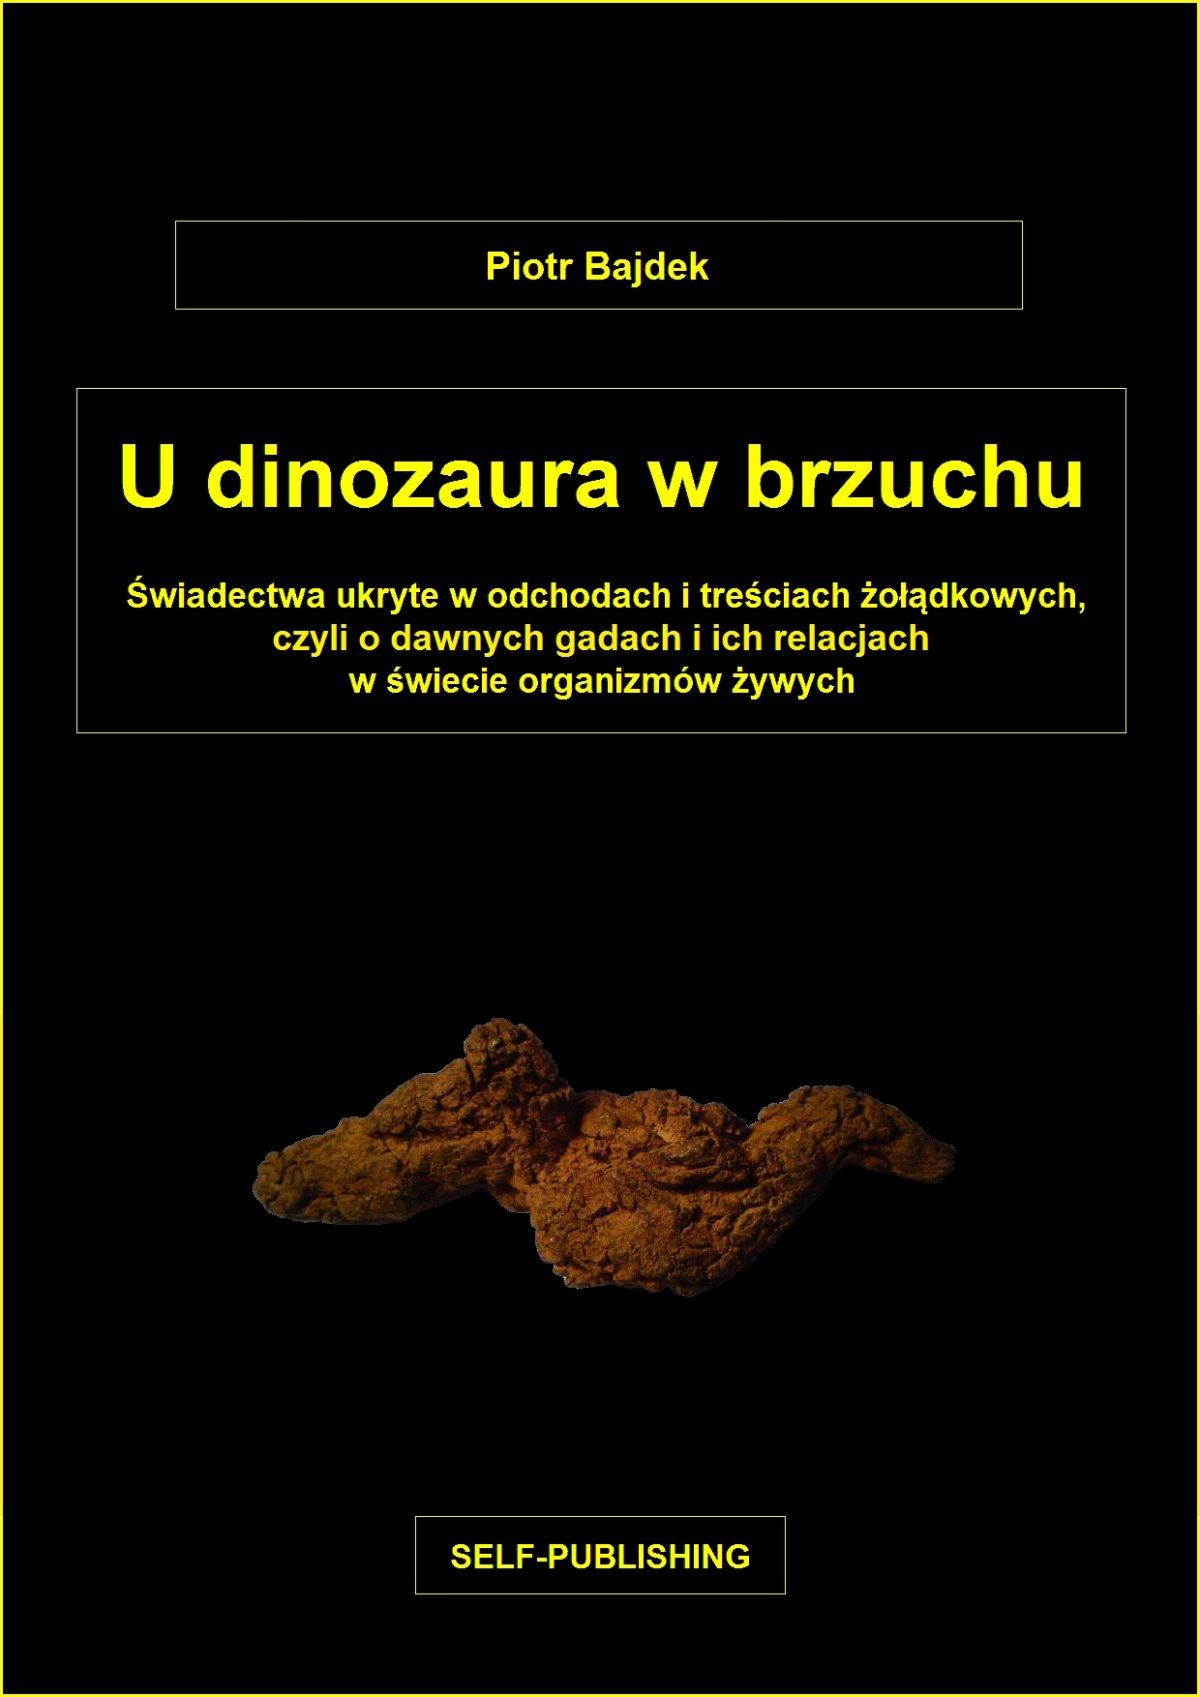 U dinozaura w brzuchu. Świadectwa ukryte w odchodach i treściach żołądkowych, czyli o dawnych gadach i ich relacjach w świecie organizmów żywych - Ebook (Książka PDF) do pobrania w formacie PDF